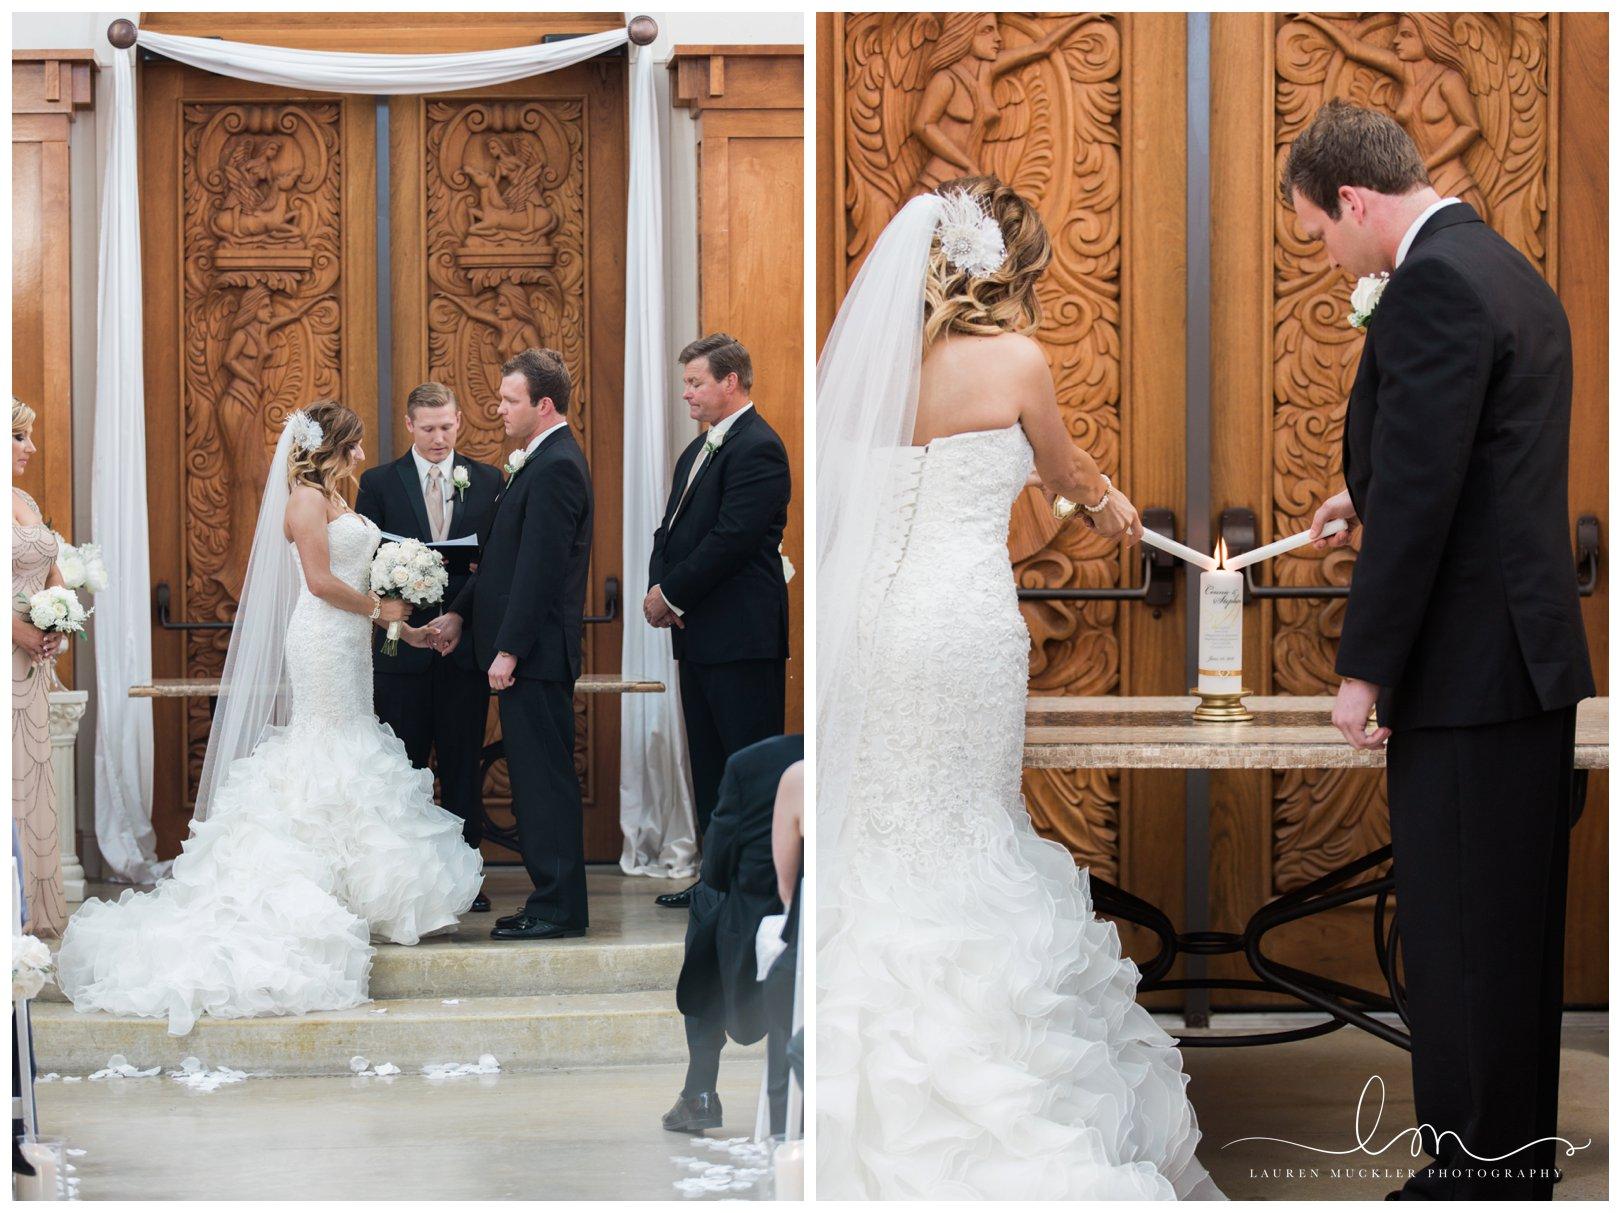 lauren muckler photography_fine art film wedding photography_st louis_photography_0465.jpg